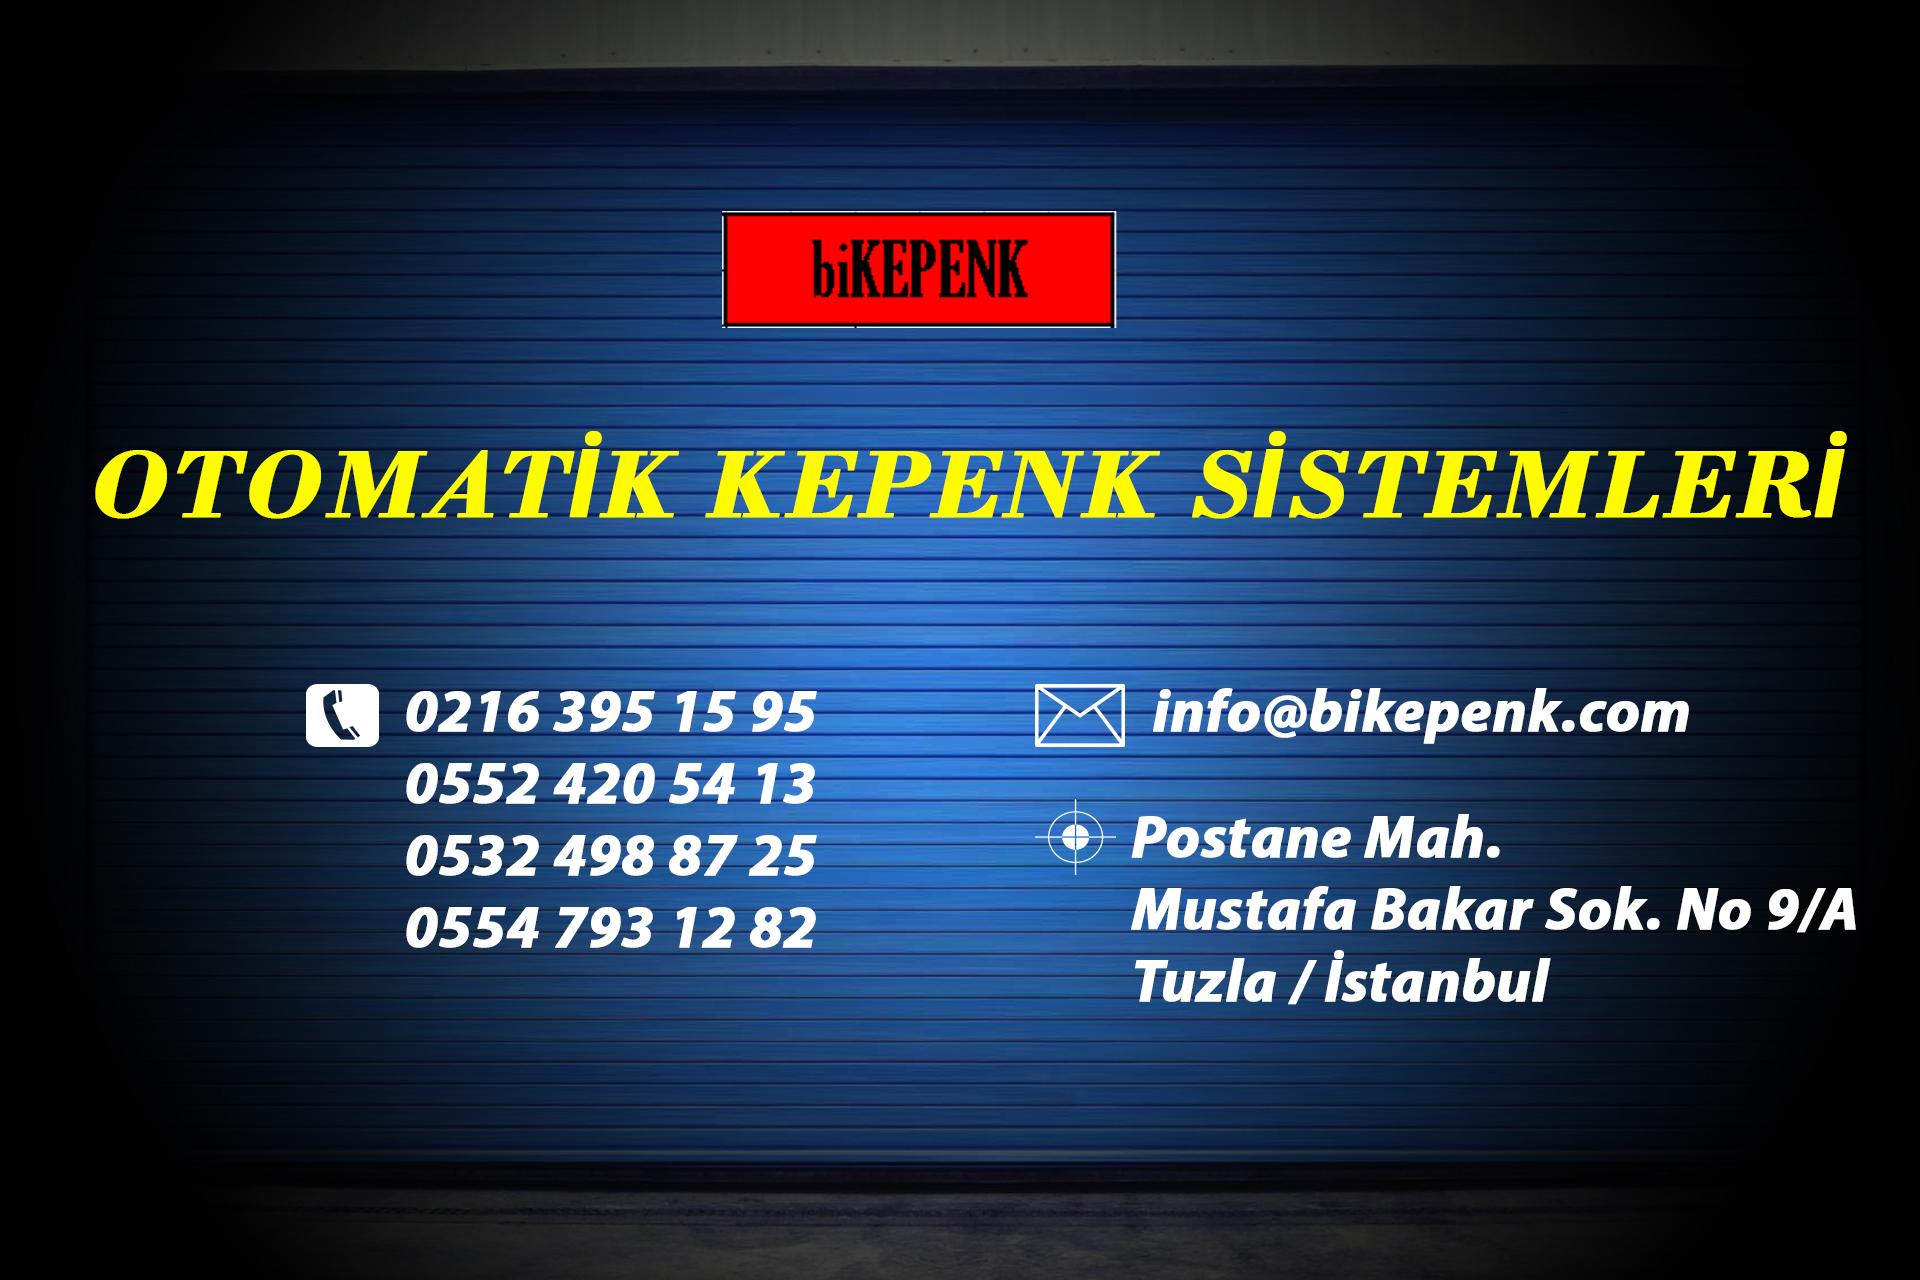 İstanbul Anadolu Yakası Avrupa Yakası Otomatik Kepenk Sistemleri